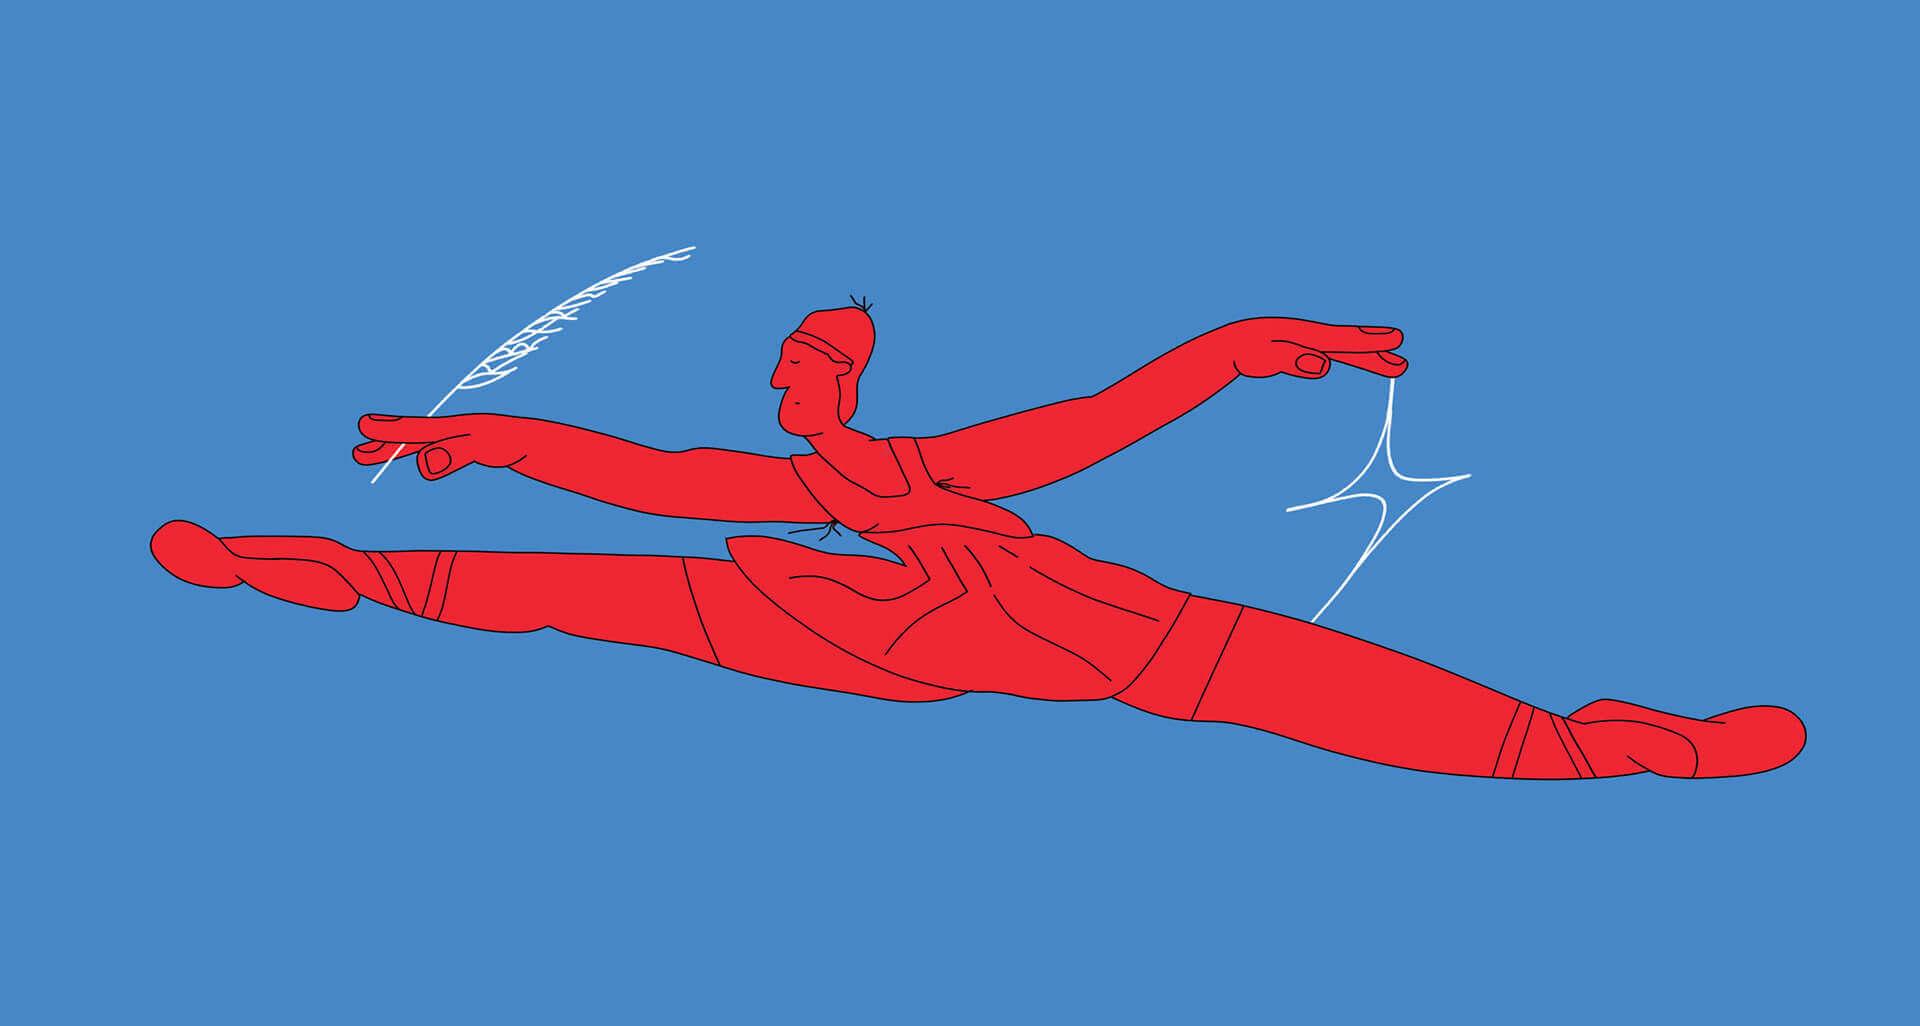 красная мадам в прыжке на синем фоне